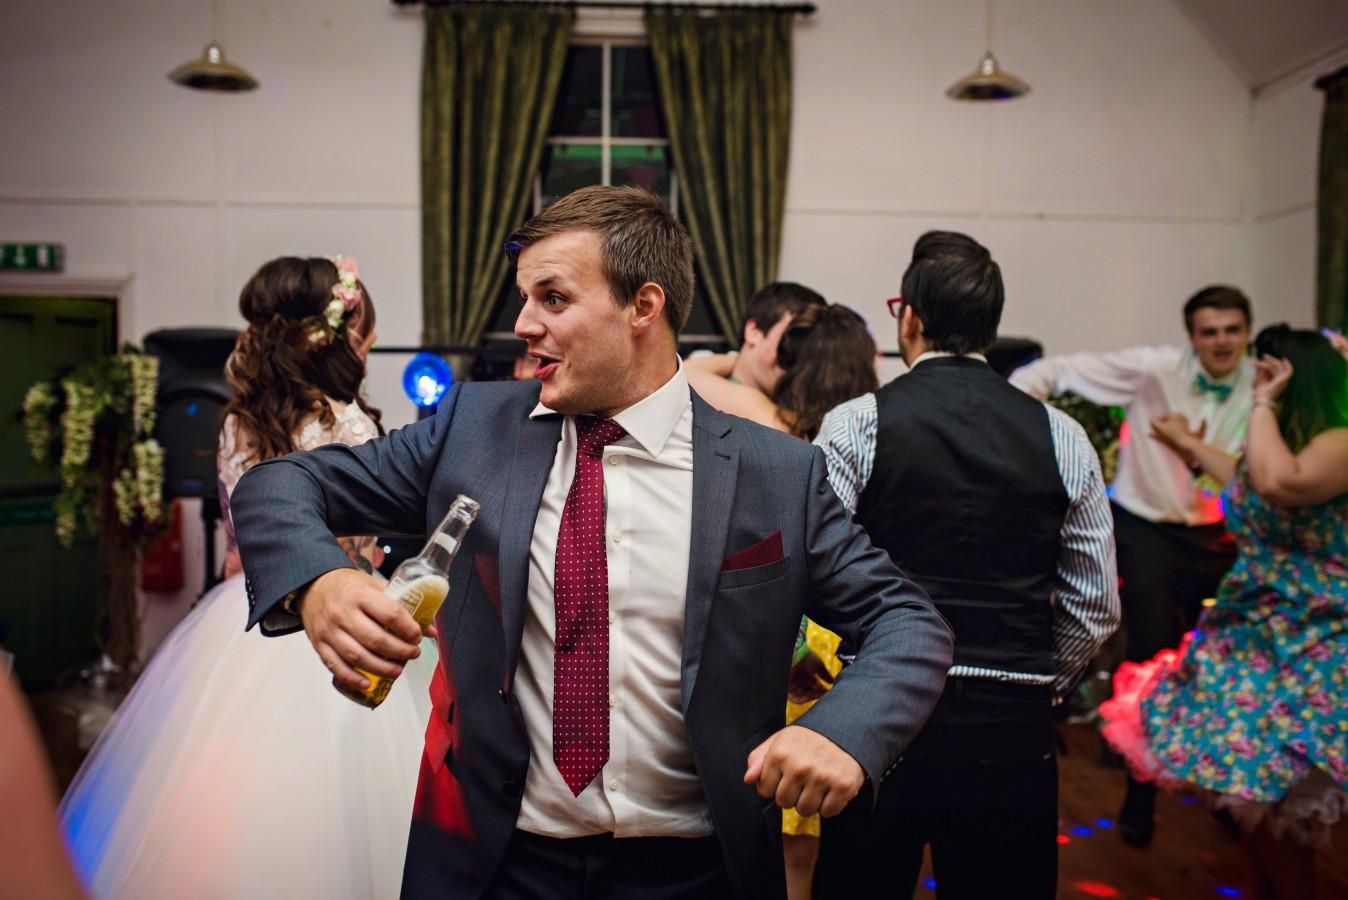 Hampshire Wedding Photographer - GK Photography-182